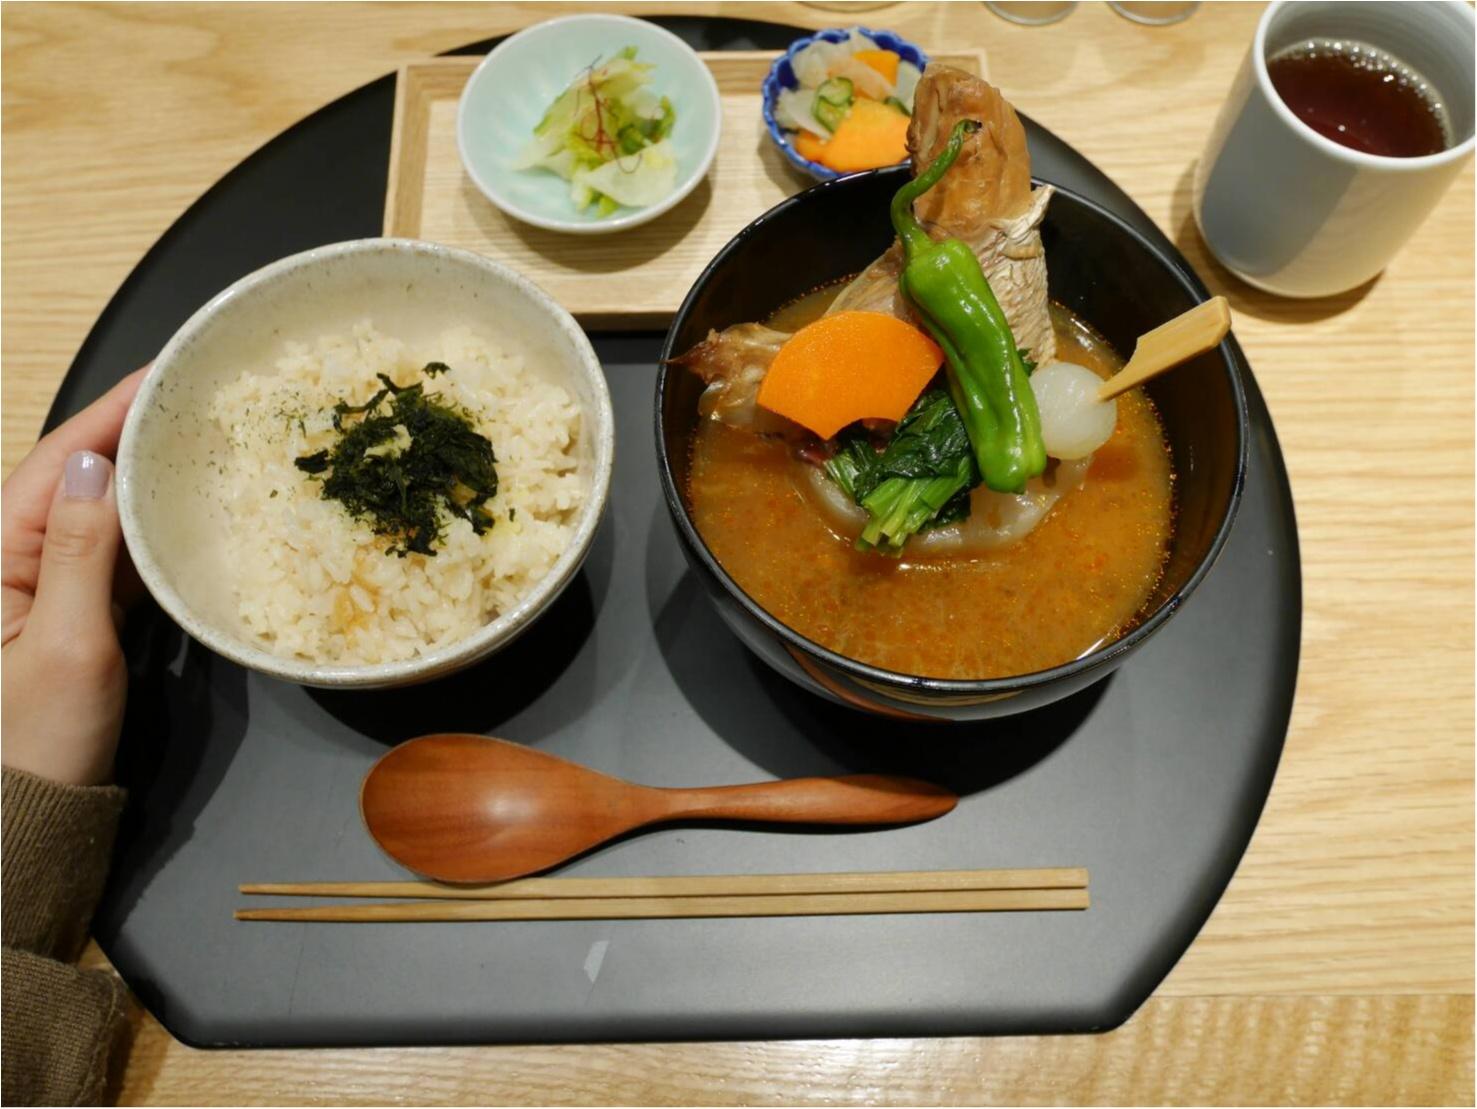 スープストックトーキョーが和食のお店「おだし東京」をはじめました。_4